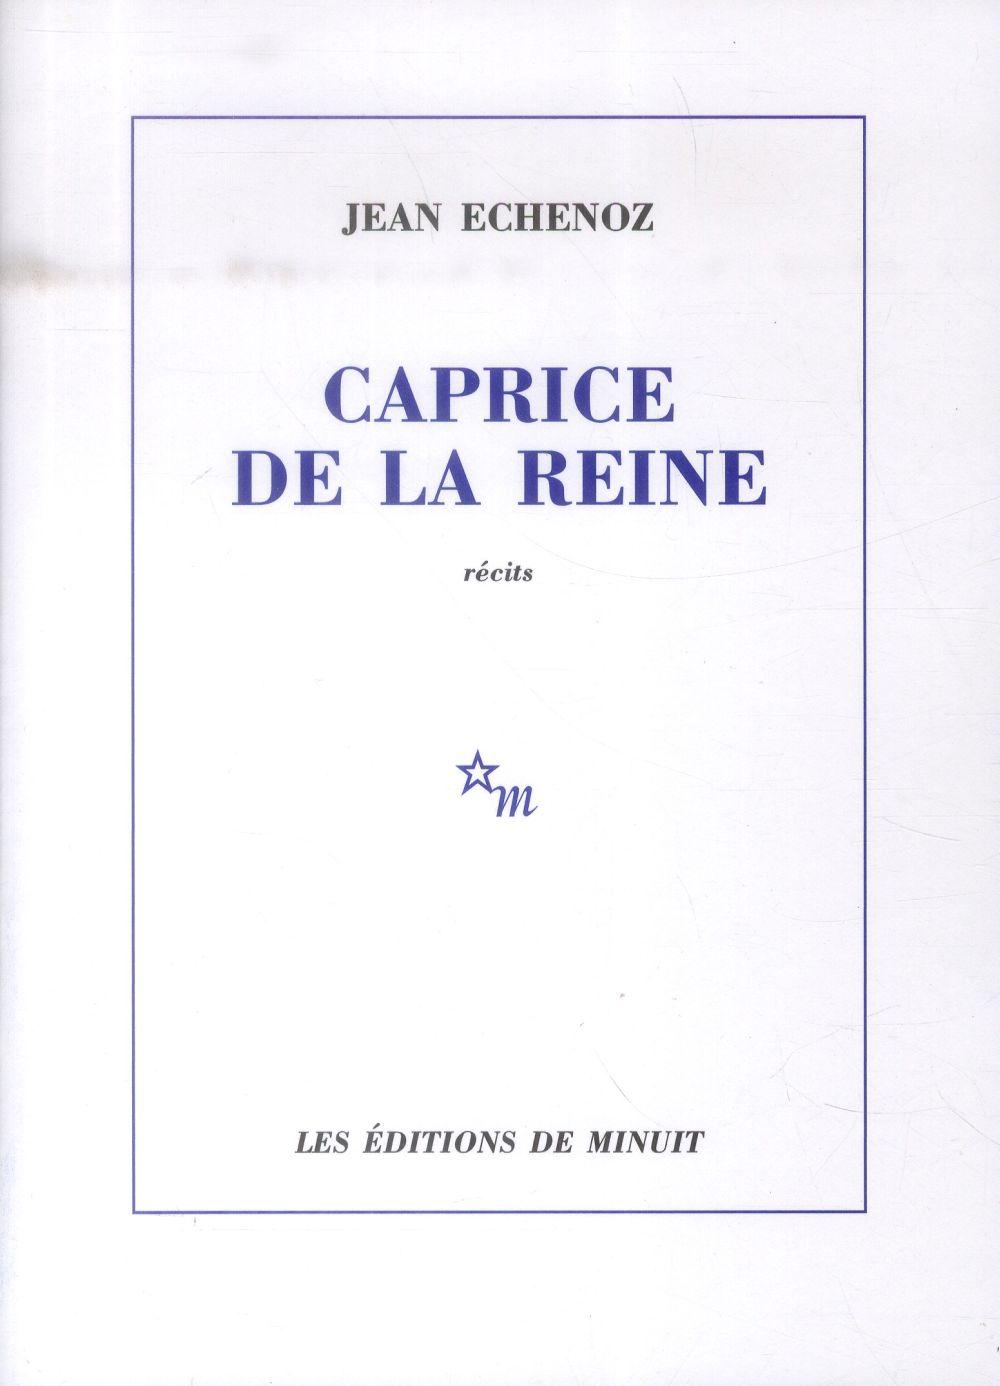 CAPRICE DE LA REINE